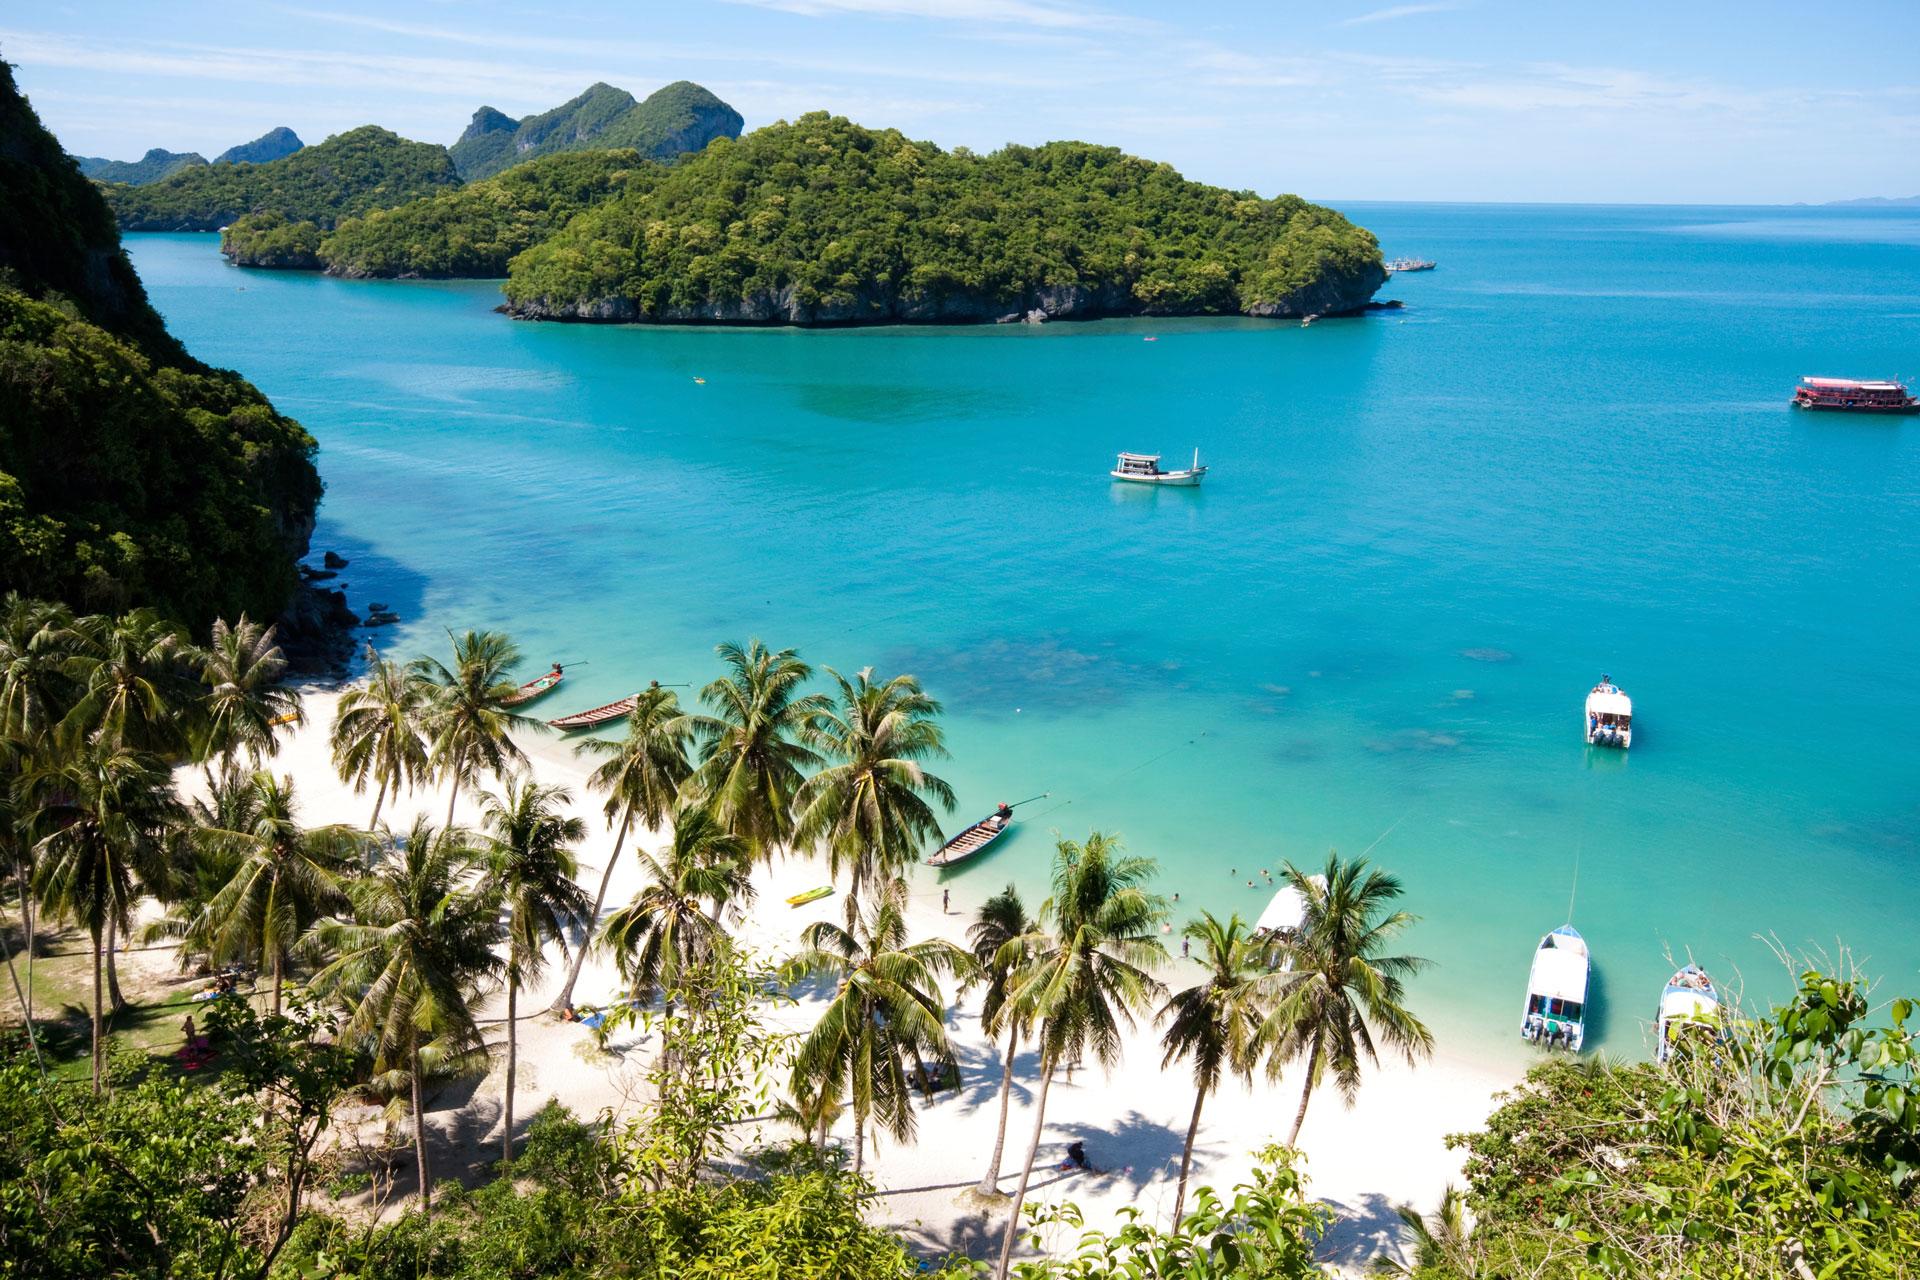 Guida dell'isola di Koh Samui, in Thailandia